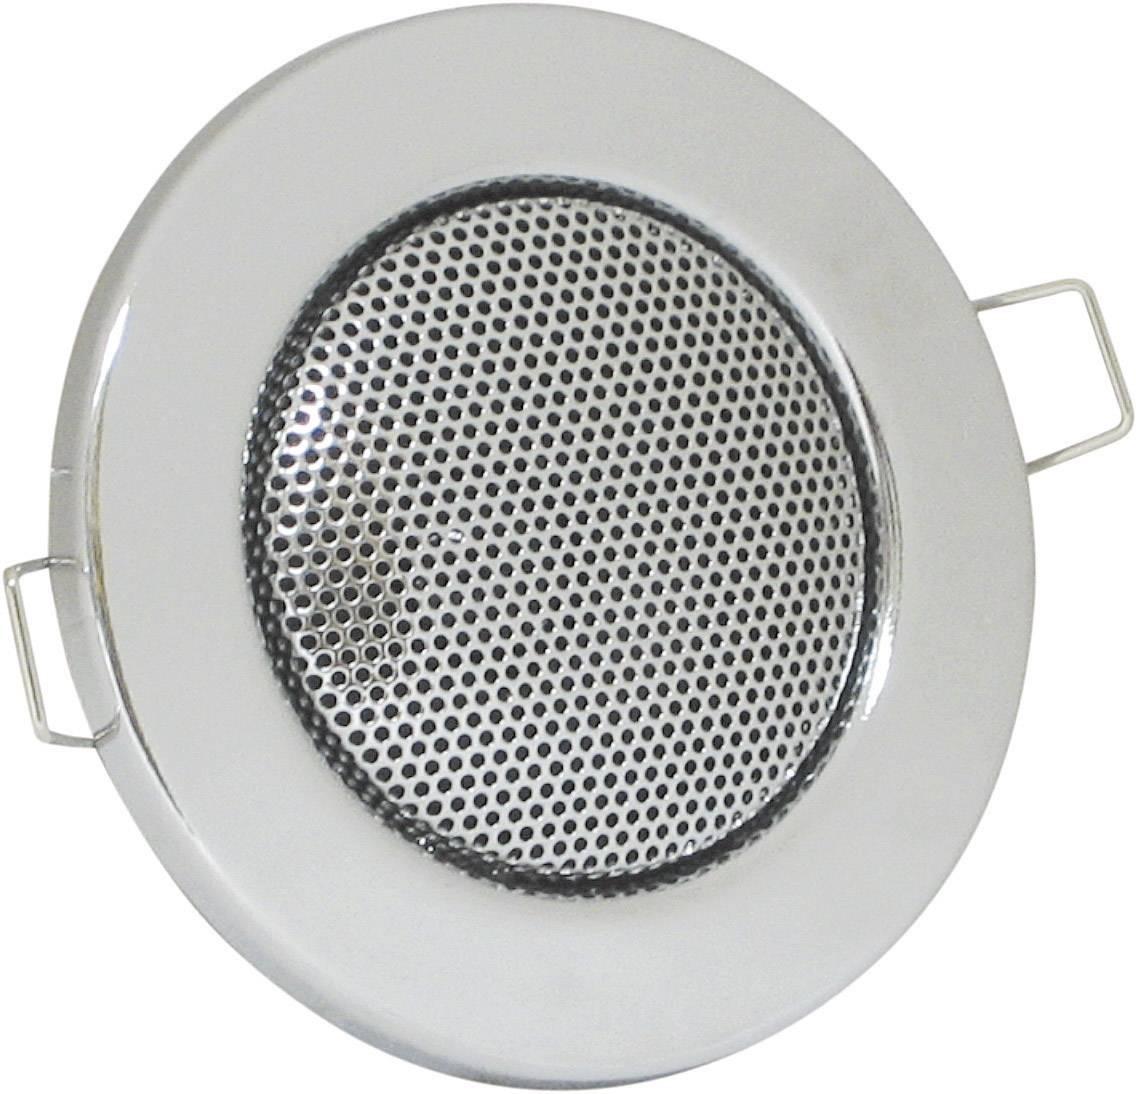 Vestavný reproduktor s designem halogenky, 8 Ω, 1,5/3 W, stříbrná